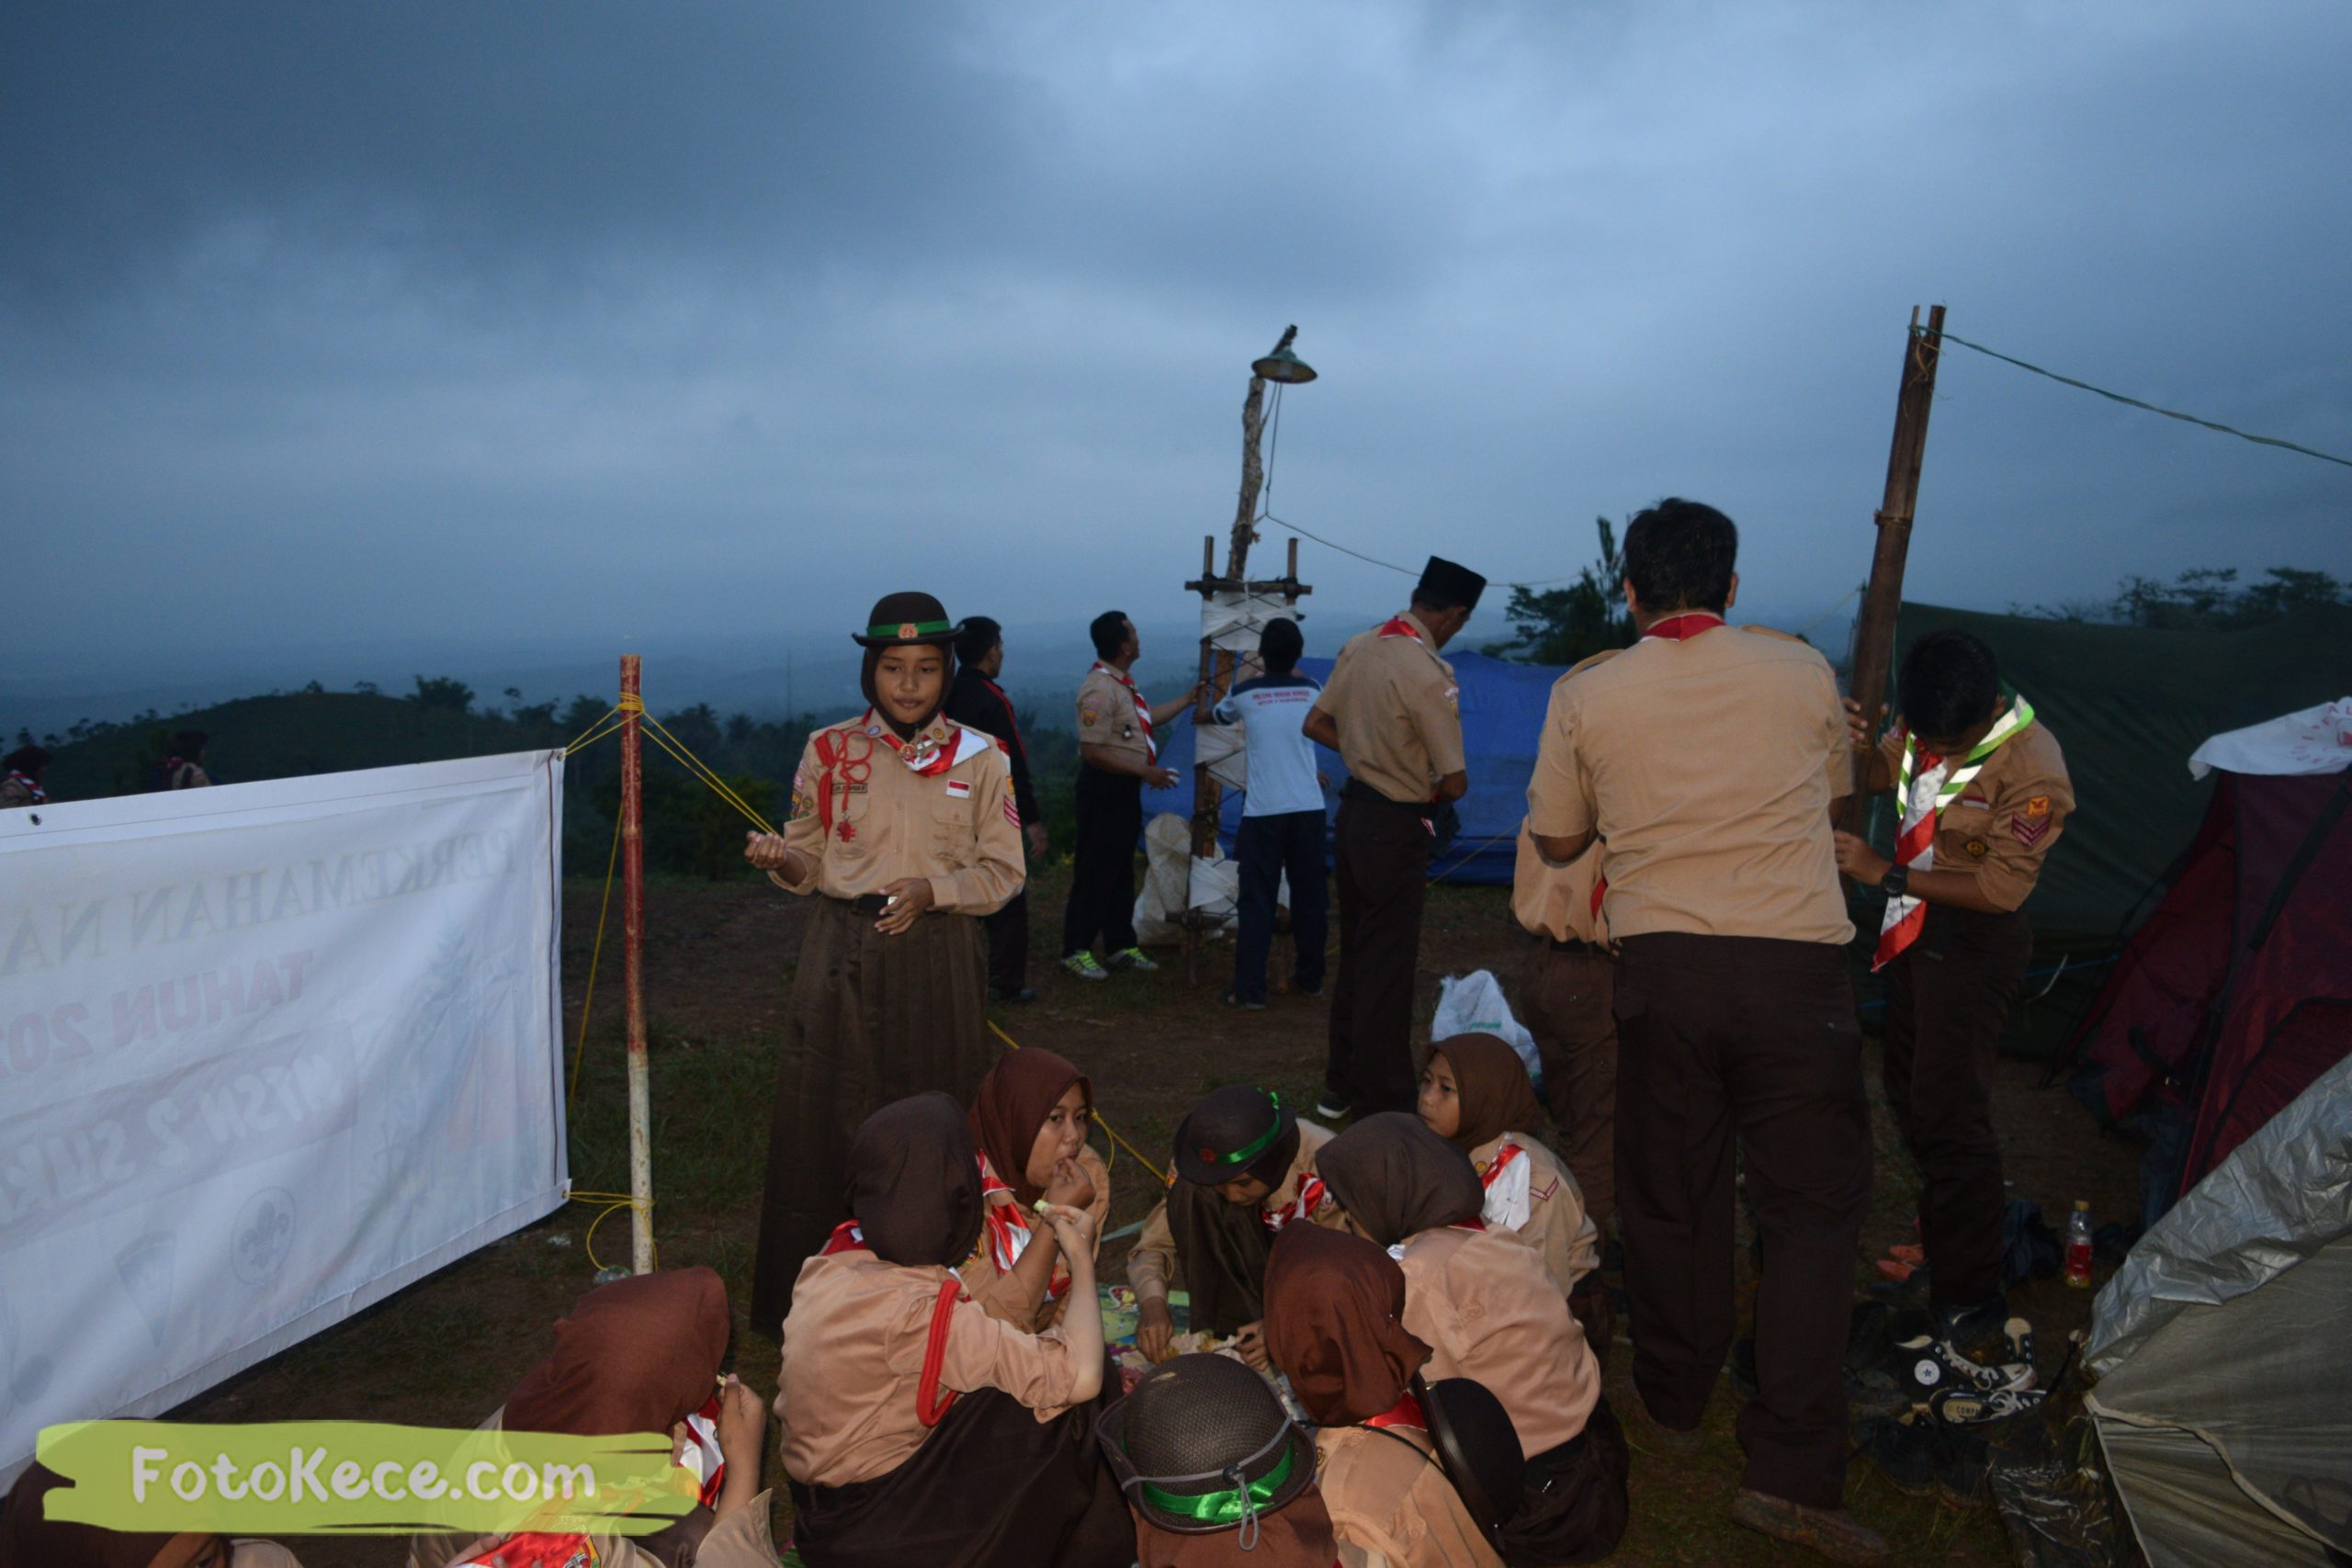 kegiatan sore malam perkemahan narakarya 1 mtsn 2 sukabumi 24 25 januari 2020 pramuka hebat puncak buluh foto kece 42 scaled